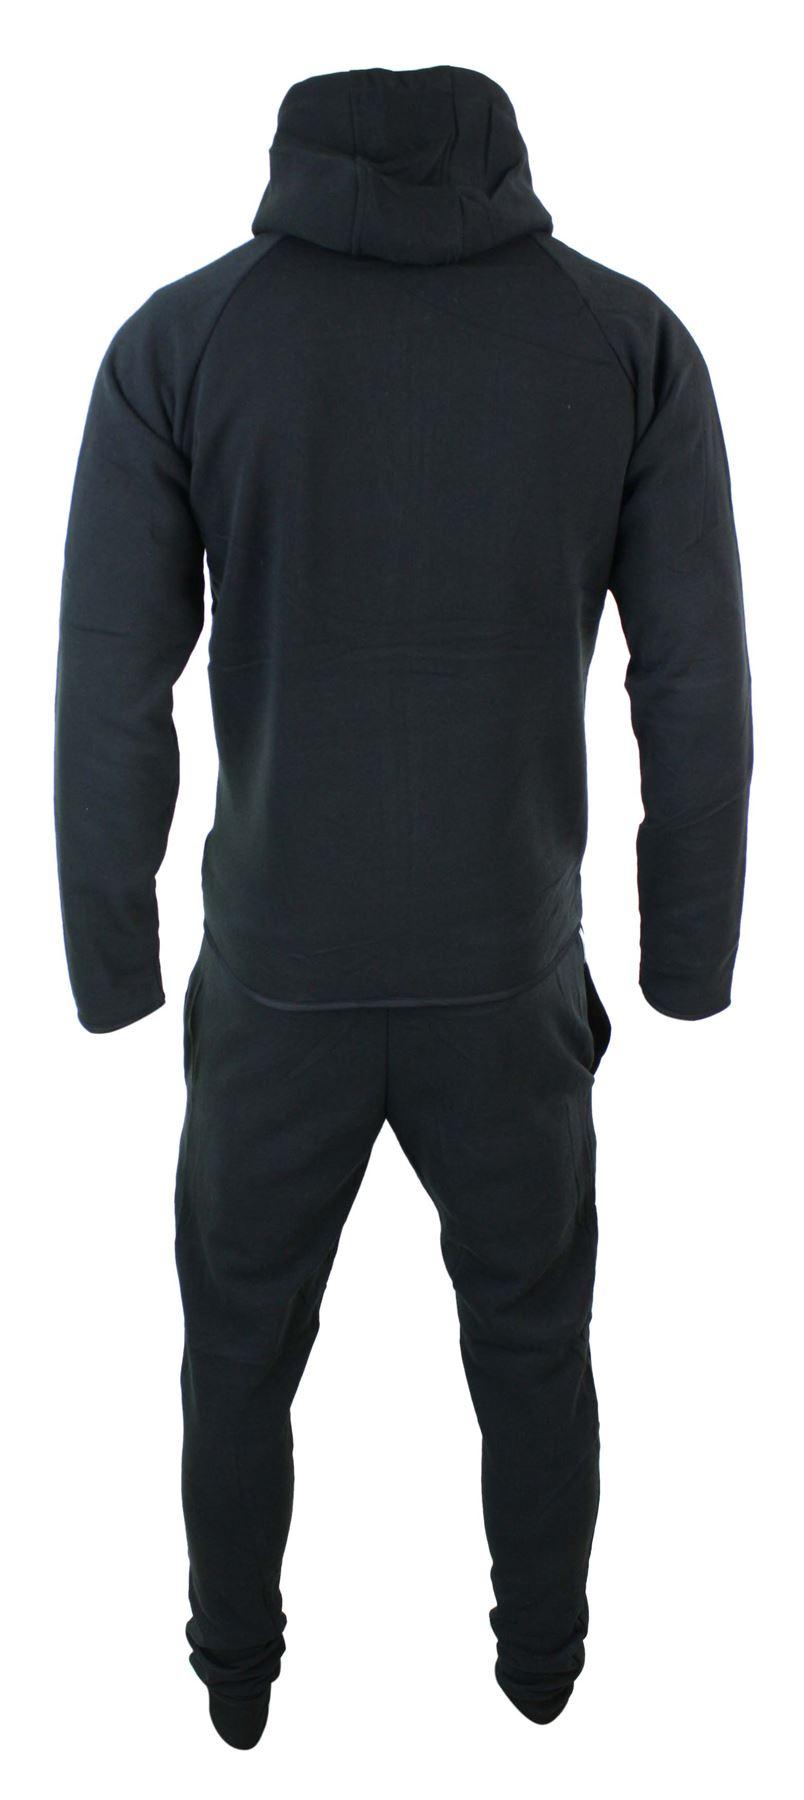 Survêtement homme ensemble sweat à capuche et pantalon sport ... 1a435c650c75